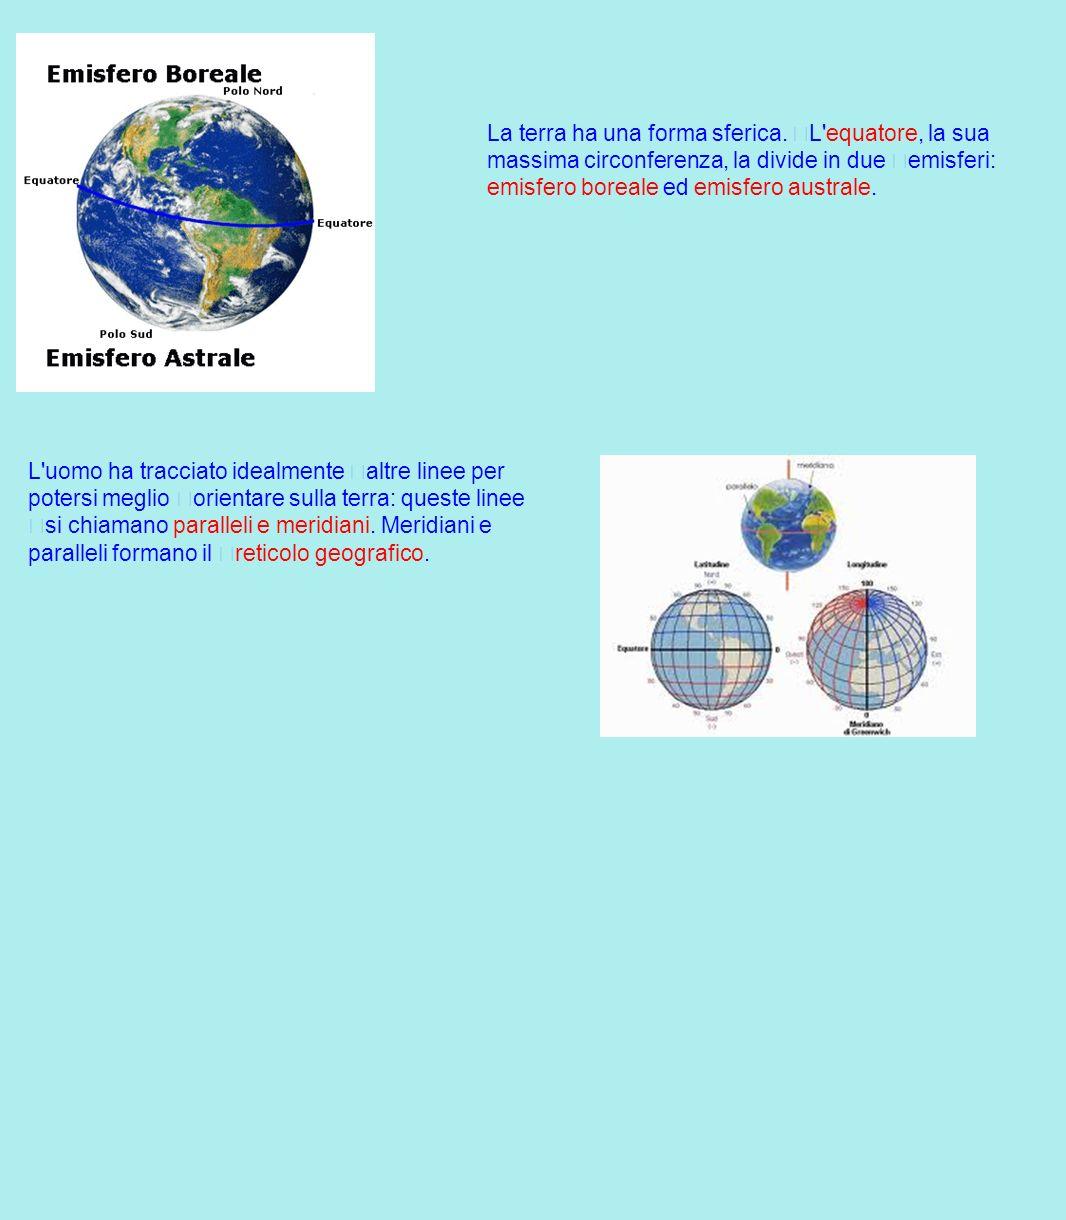 La terra ha una forma sferica. L'equatore, la sua massima circonferenza, la divide in due emisferi: emisfero boreale ed emisfero australe. L'uomo ha t